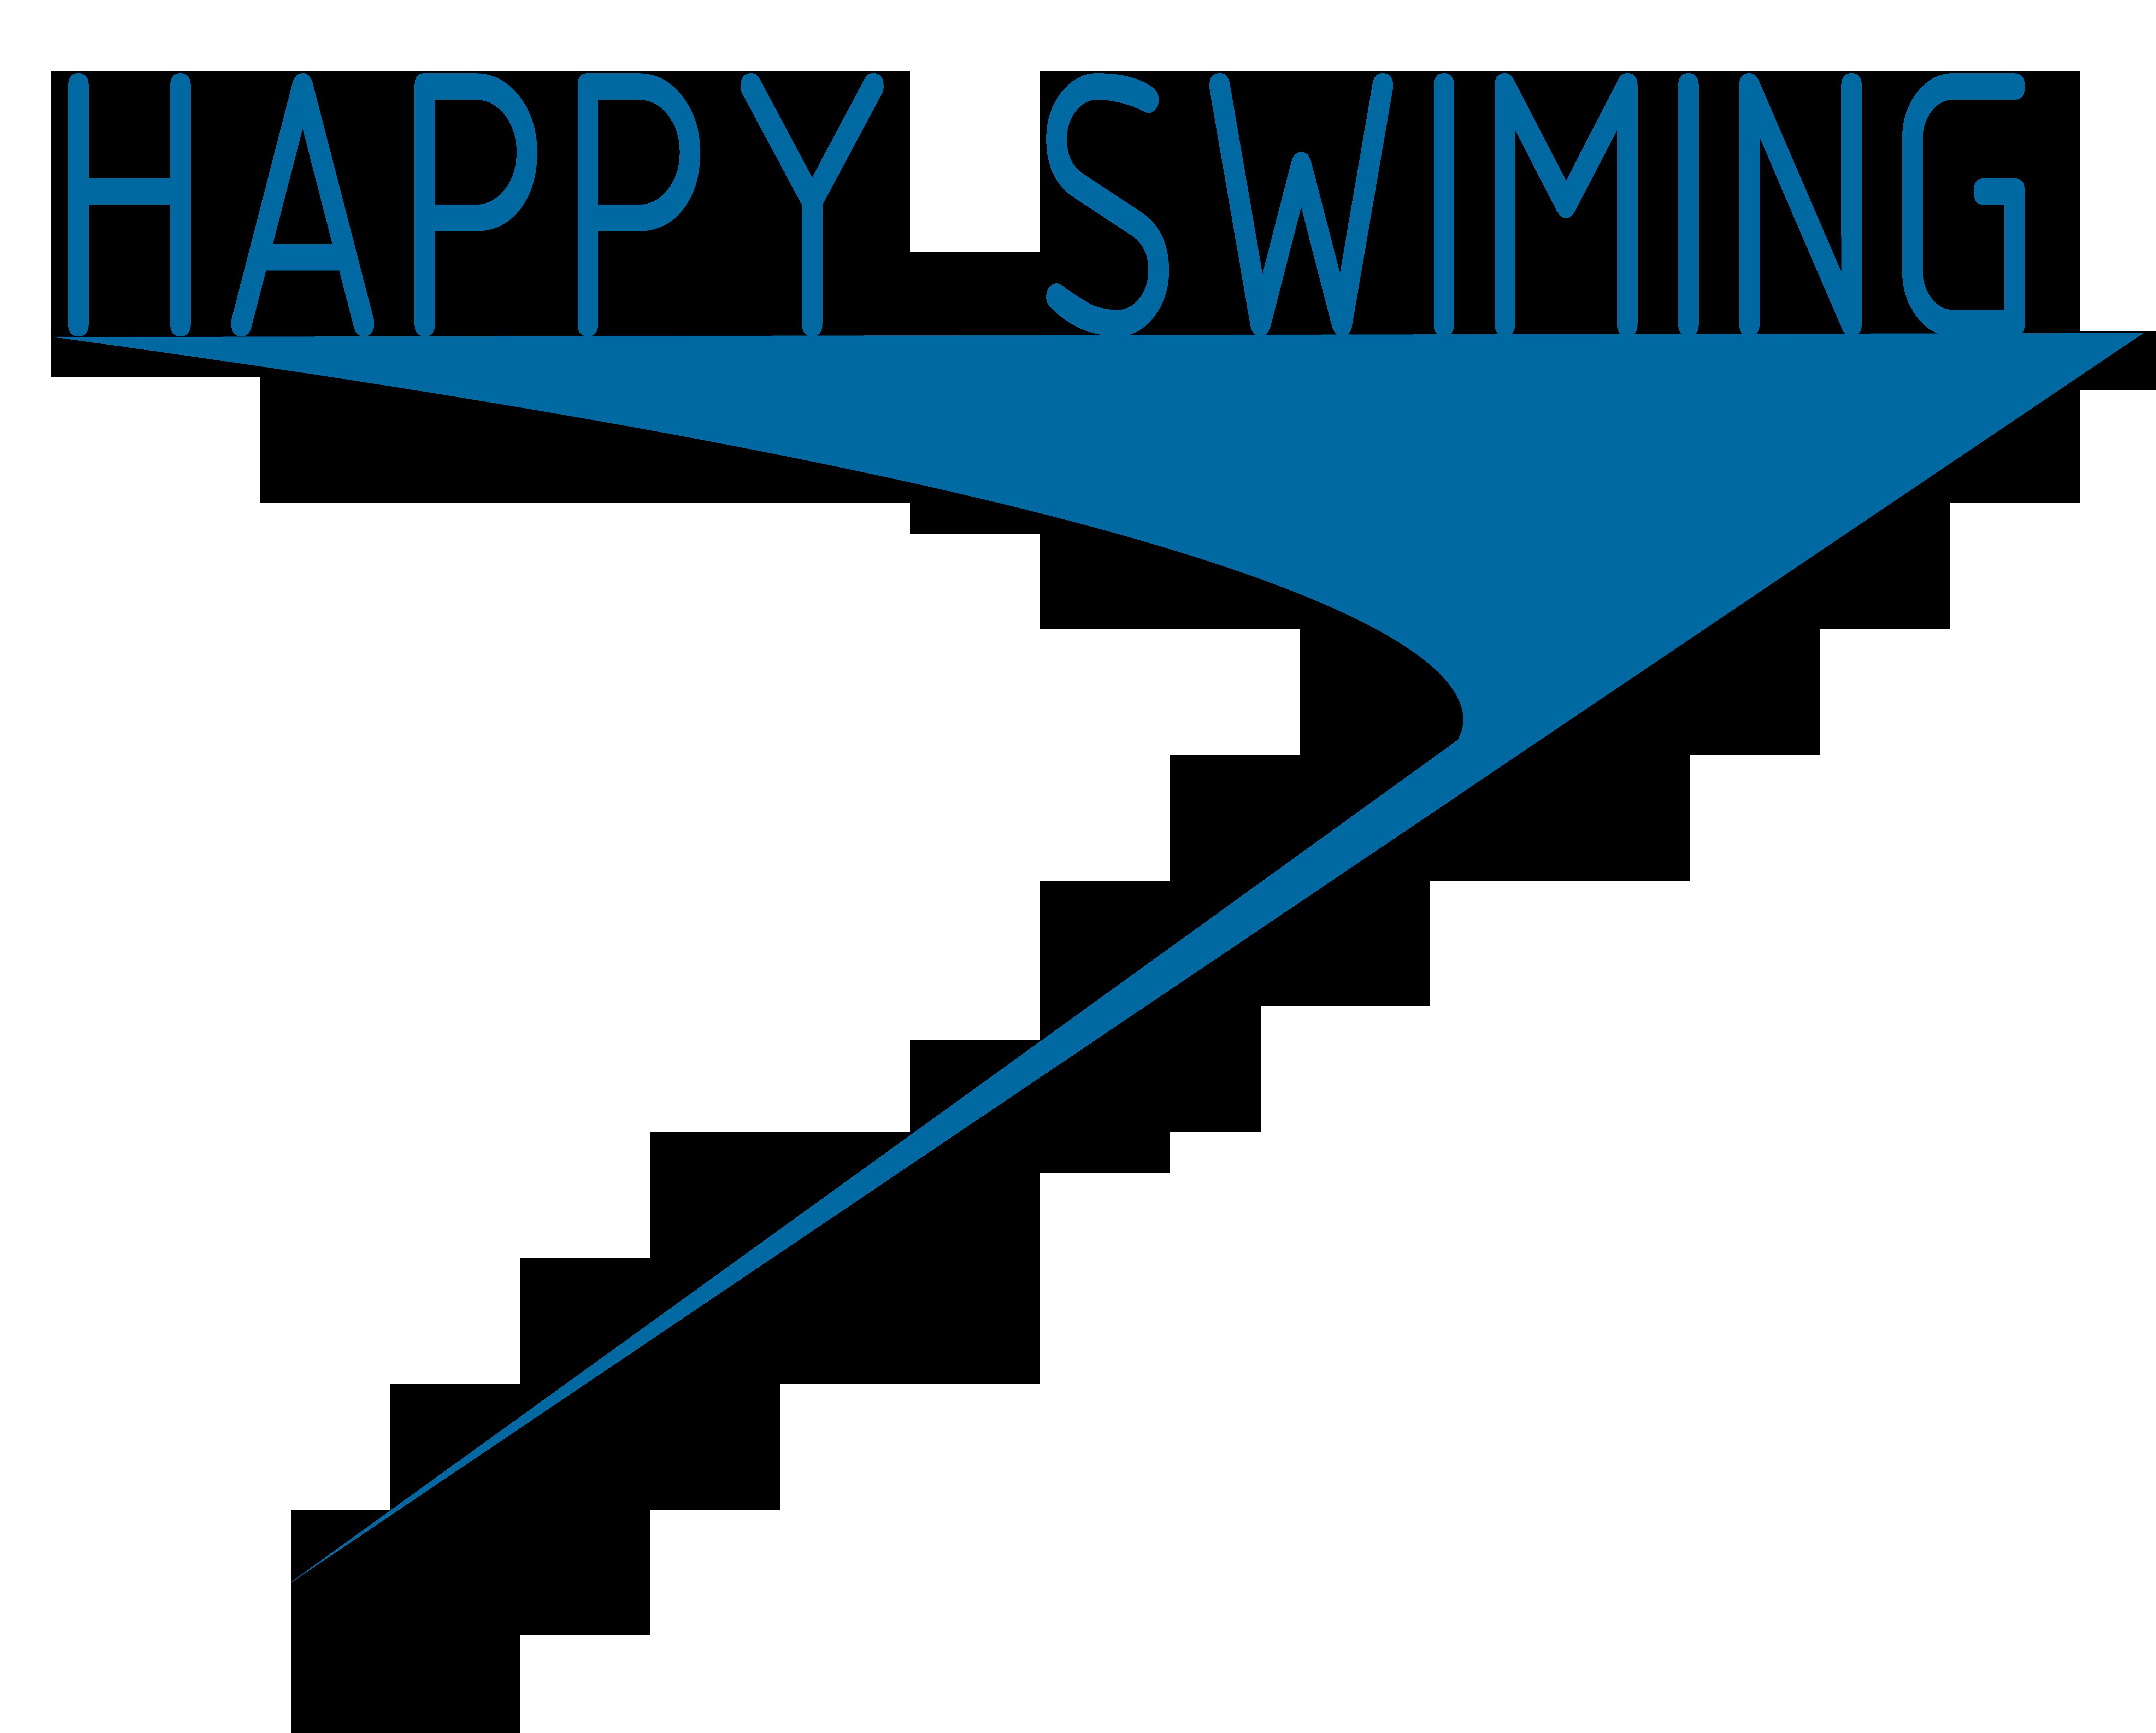 Логотип для  детского бассейна. фото f_7565c74dad2c1bd2.png